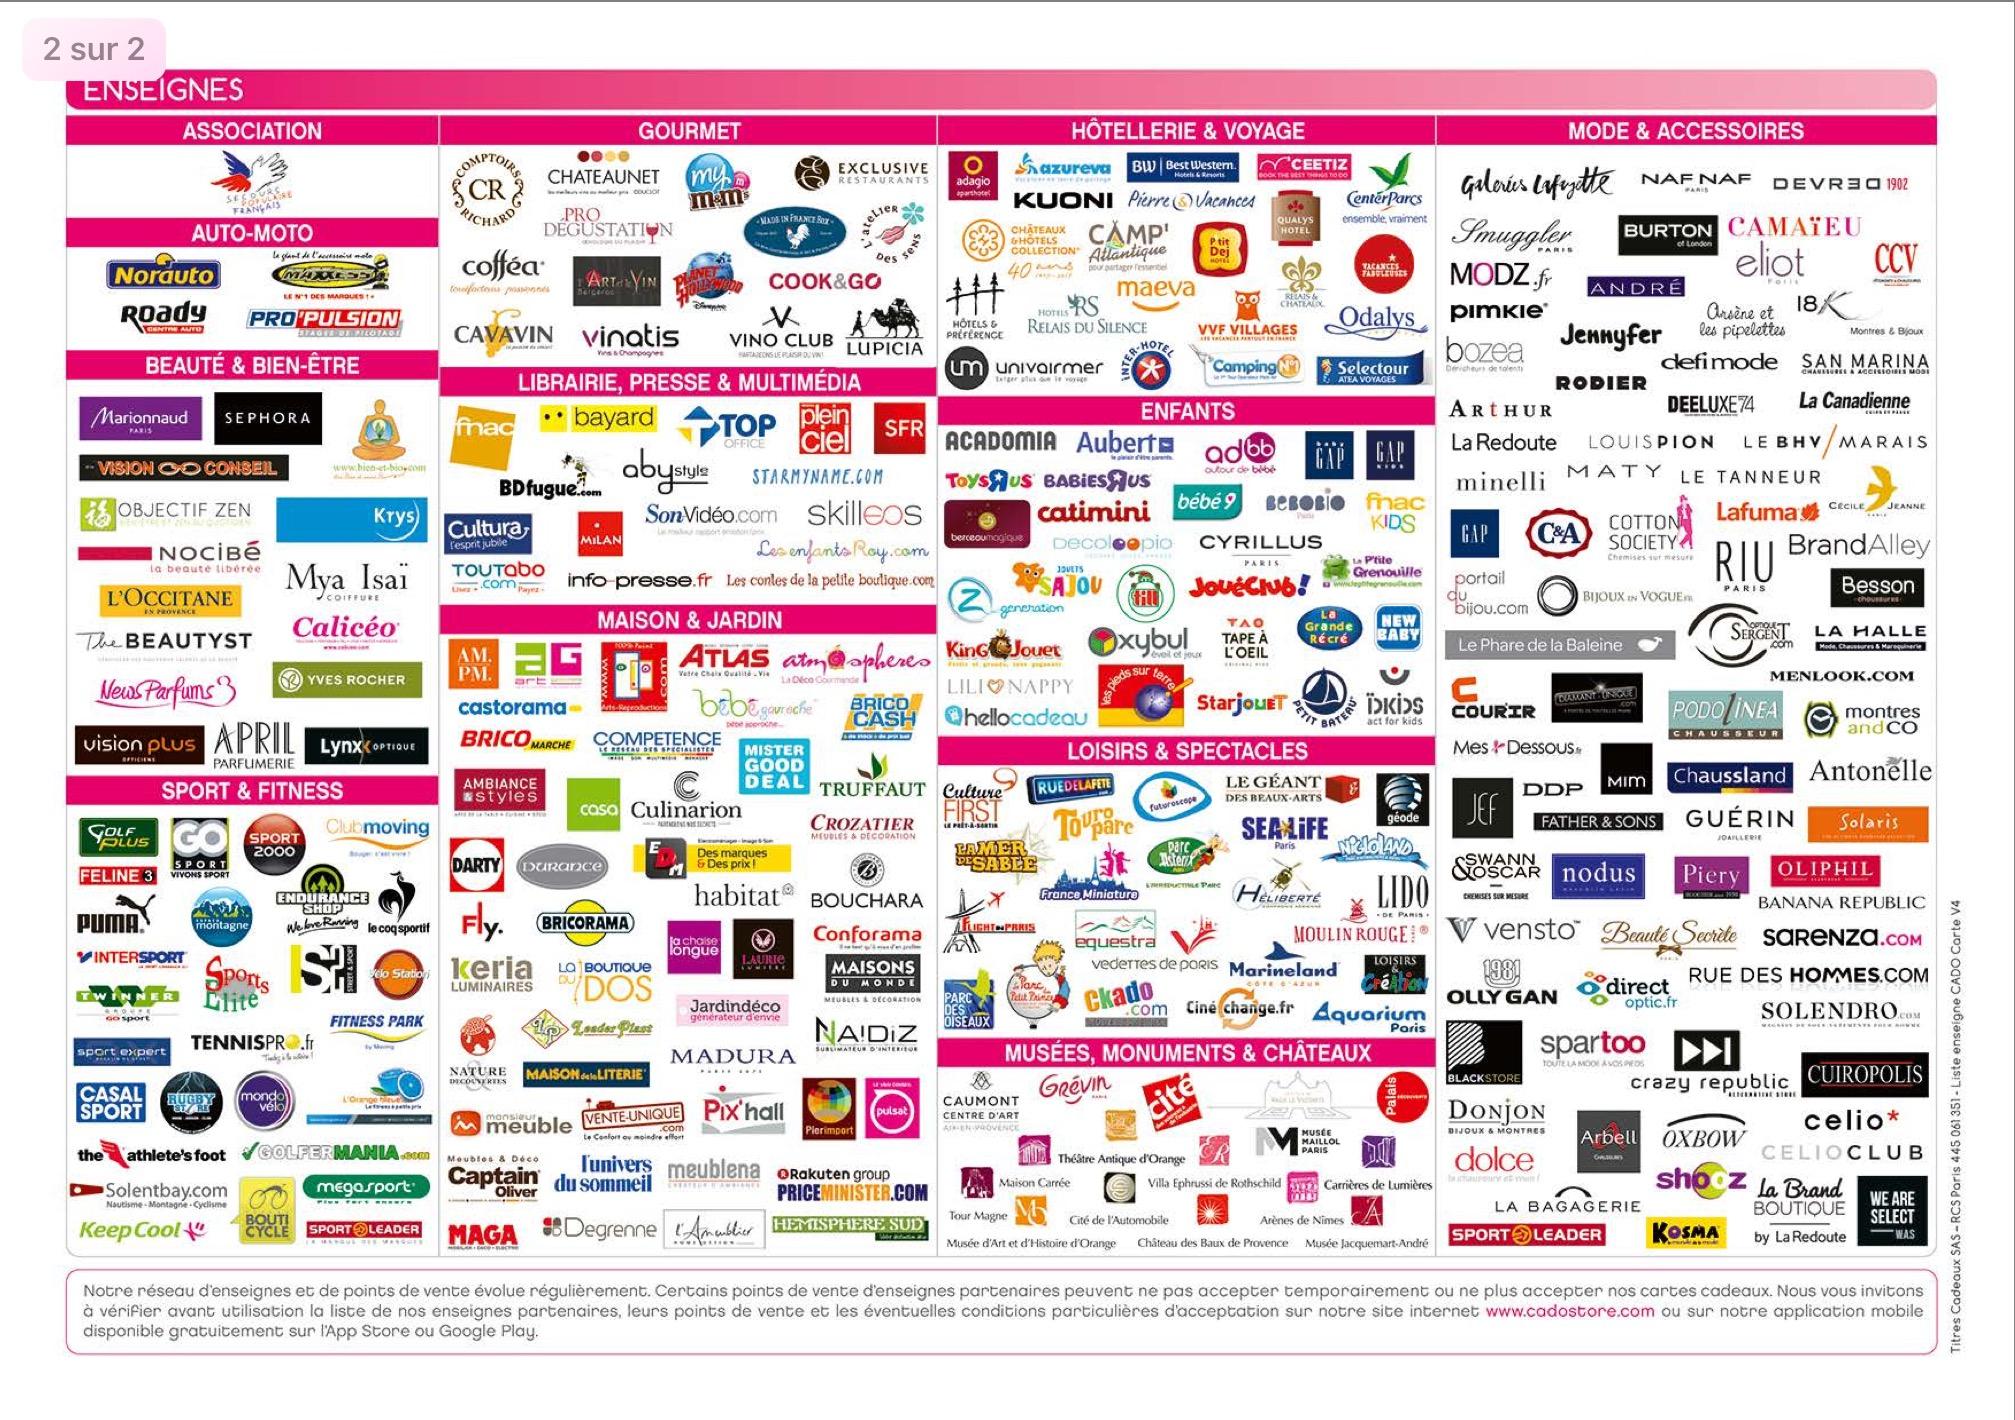 Carte Cado Site Partenaire.Carte Cado Store Dealabs Com